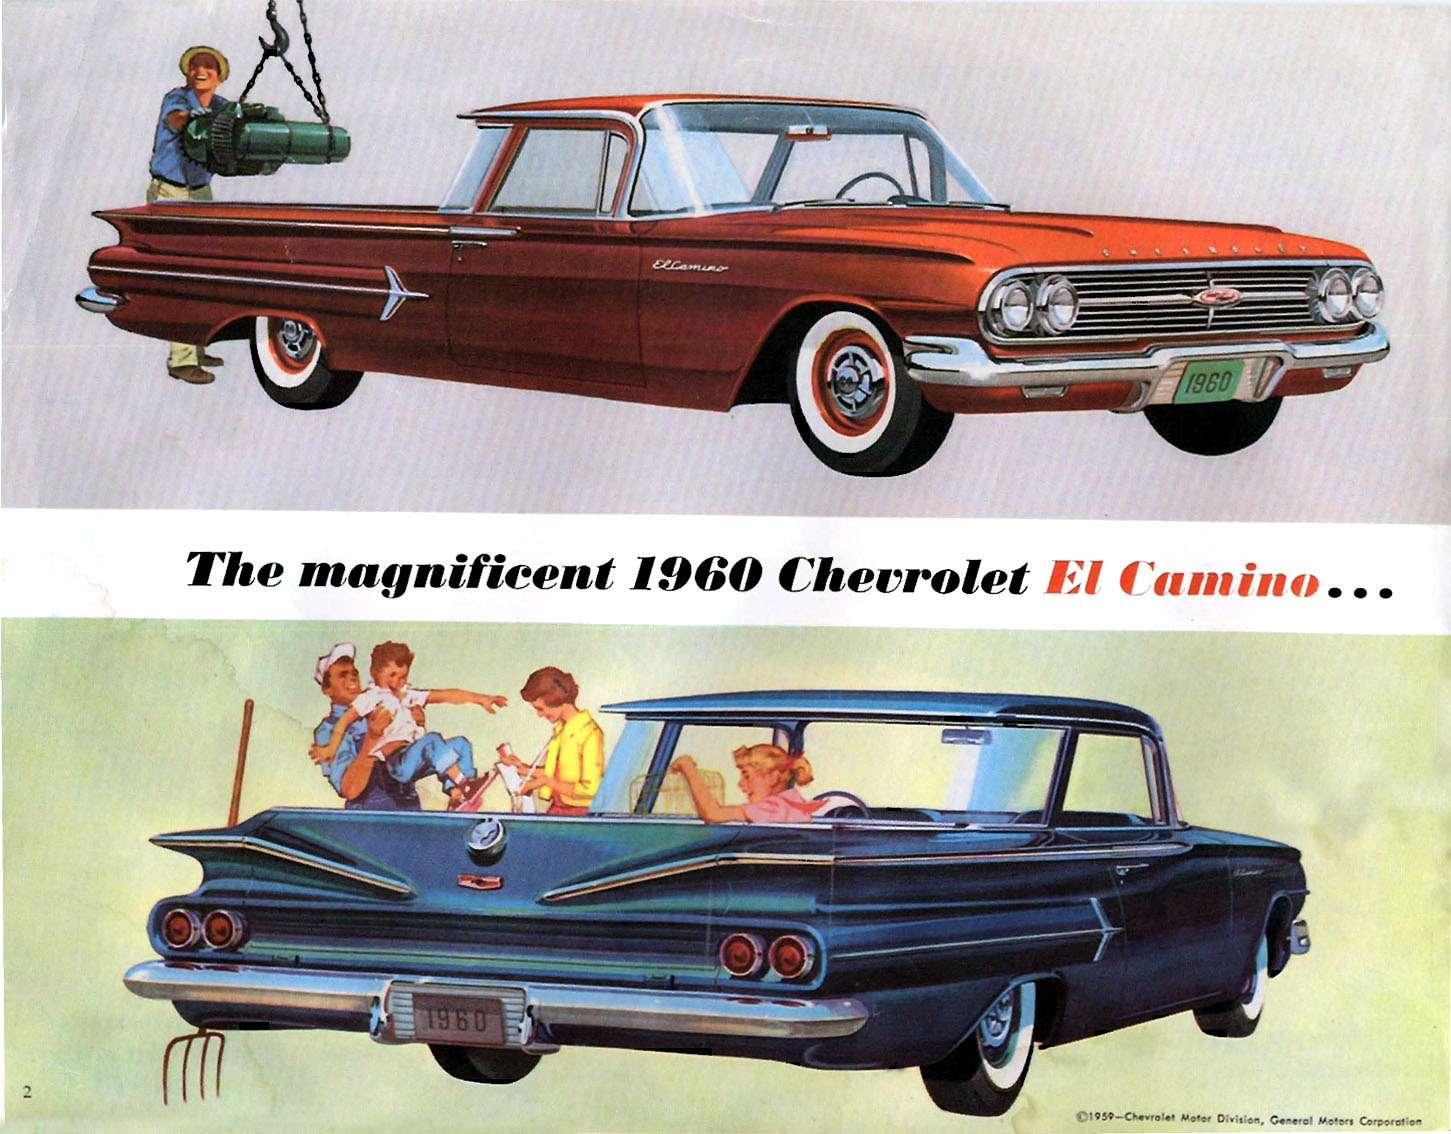 no_copyright_1960 Chevrolet ElCamino and Sedan Delivery-02